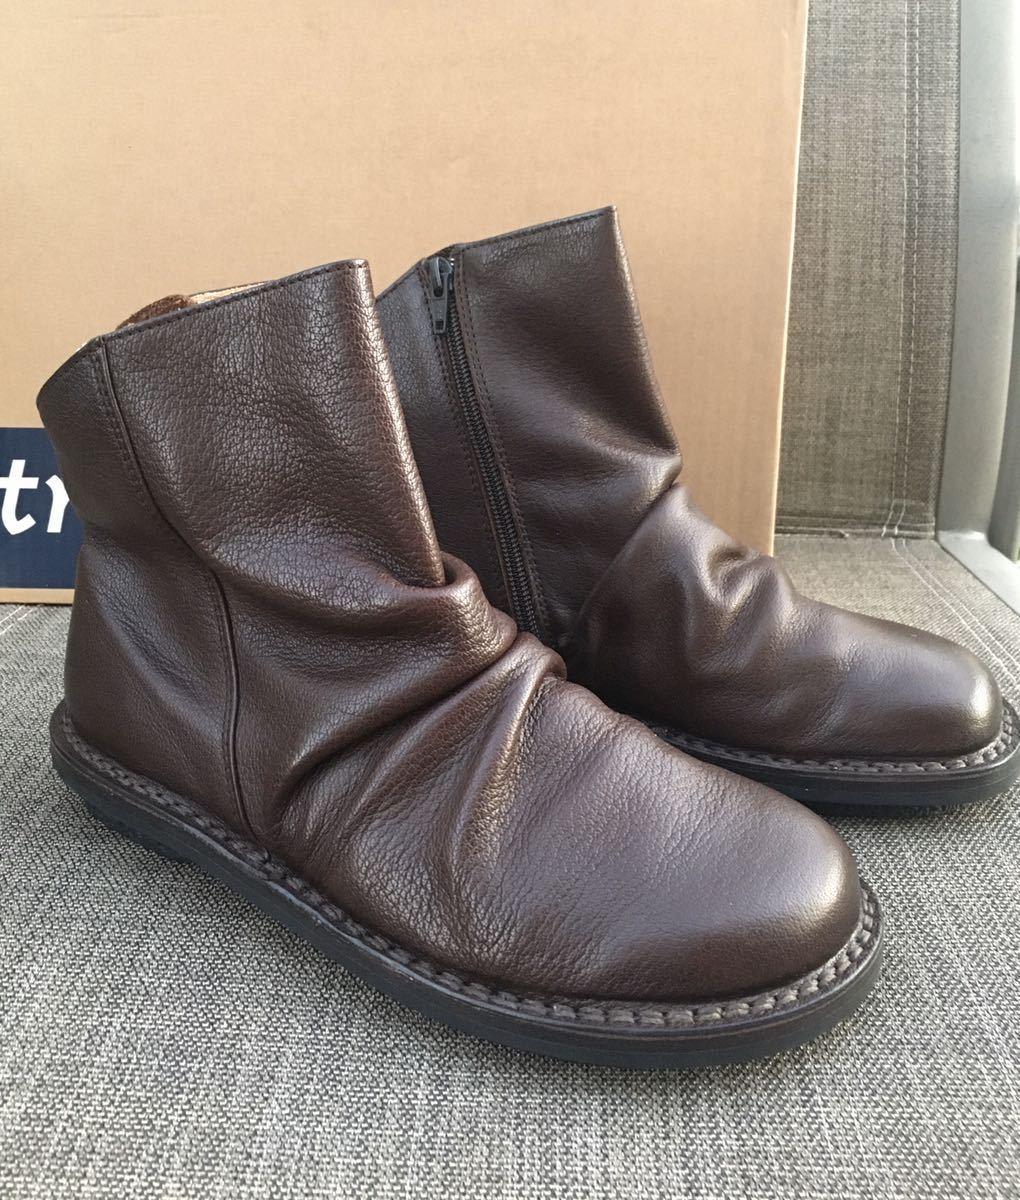 即決 新品 trippen トリッペン 人気ブーツ PLEATS プリーツ 38 24 24.5cm 箱付 ダークブラウン_画像2